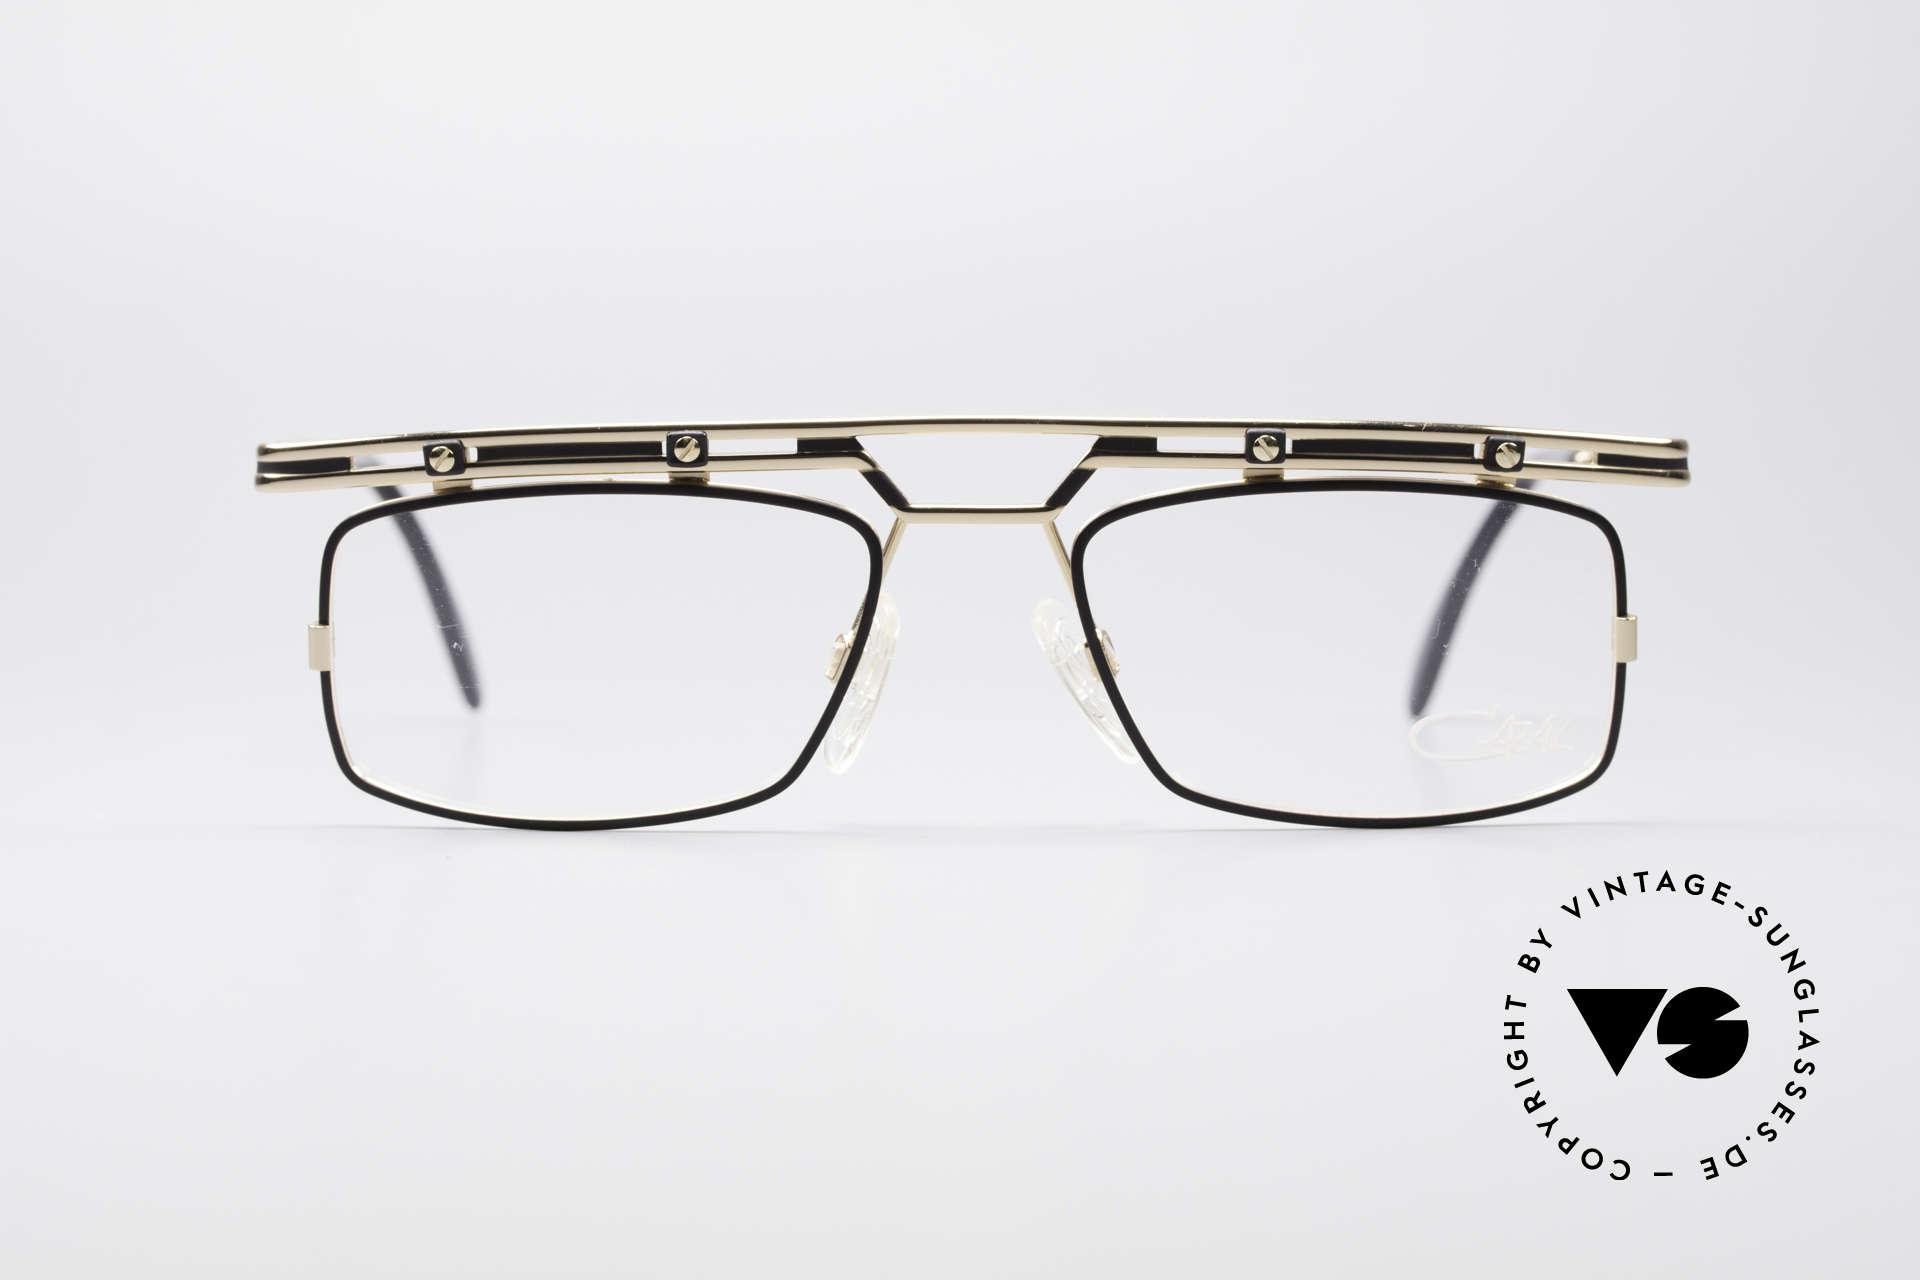 Cazal 975 Vintage 90er Designer Brille, vintage Brillengestell von Cari Zalloni (Mr. CAZAL), Passend für Herren